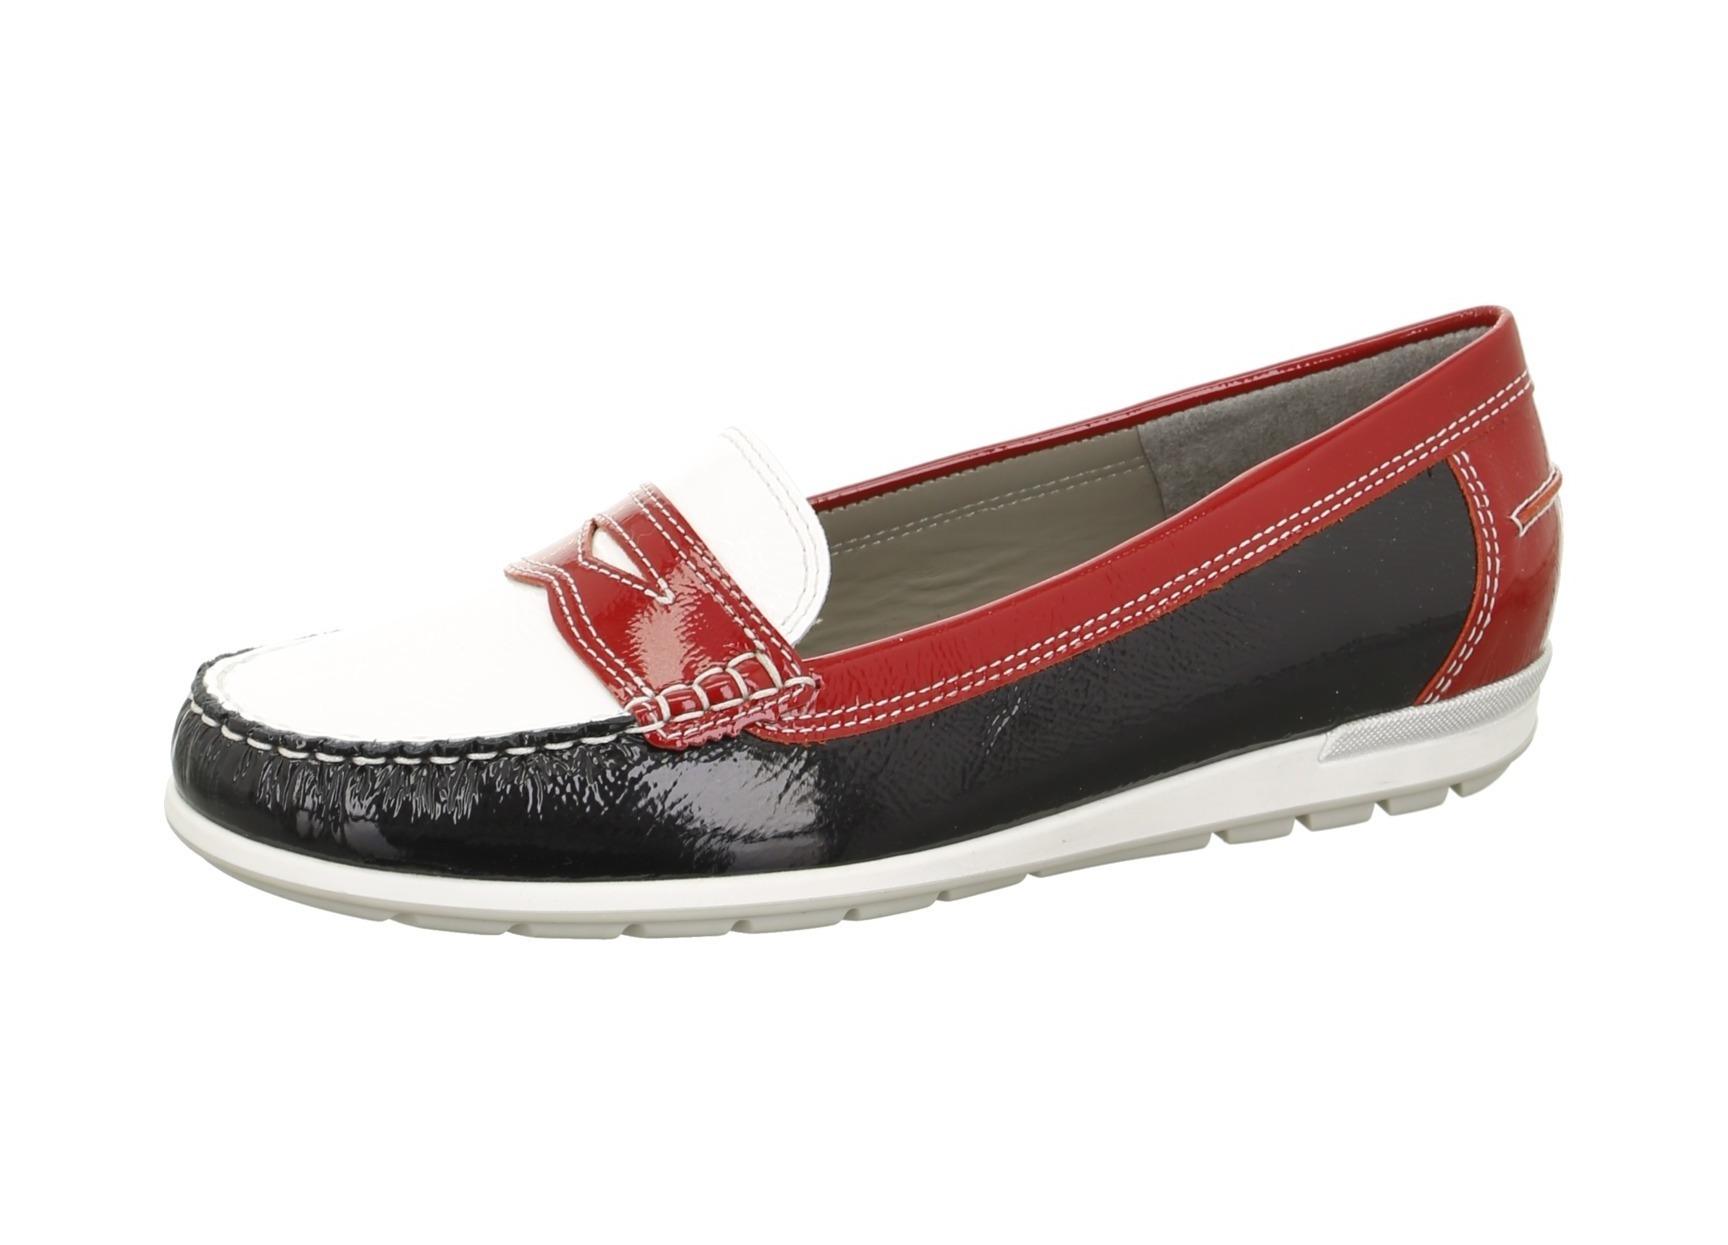 Soňa - Dámska obuv - Mokasíny - Kožené mokasíny Ara d85db93a33